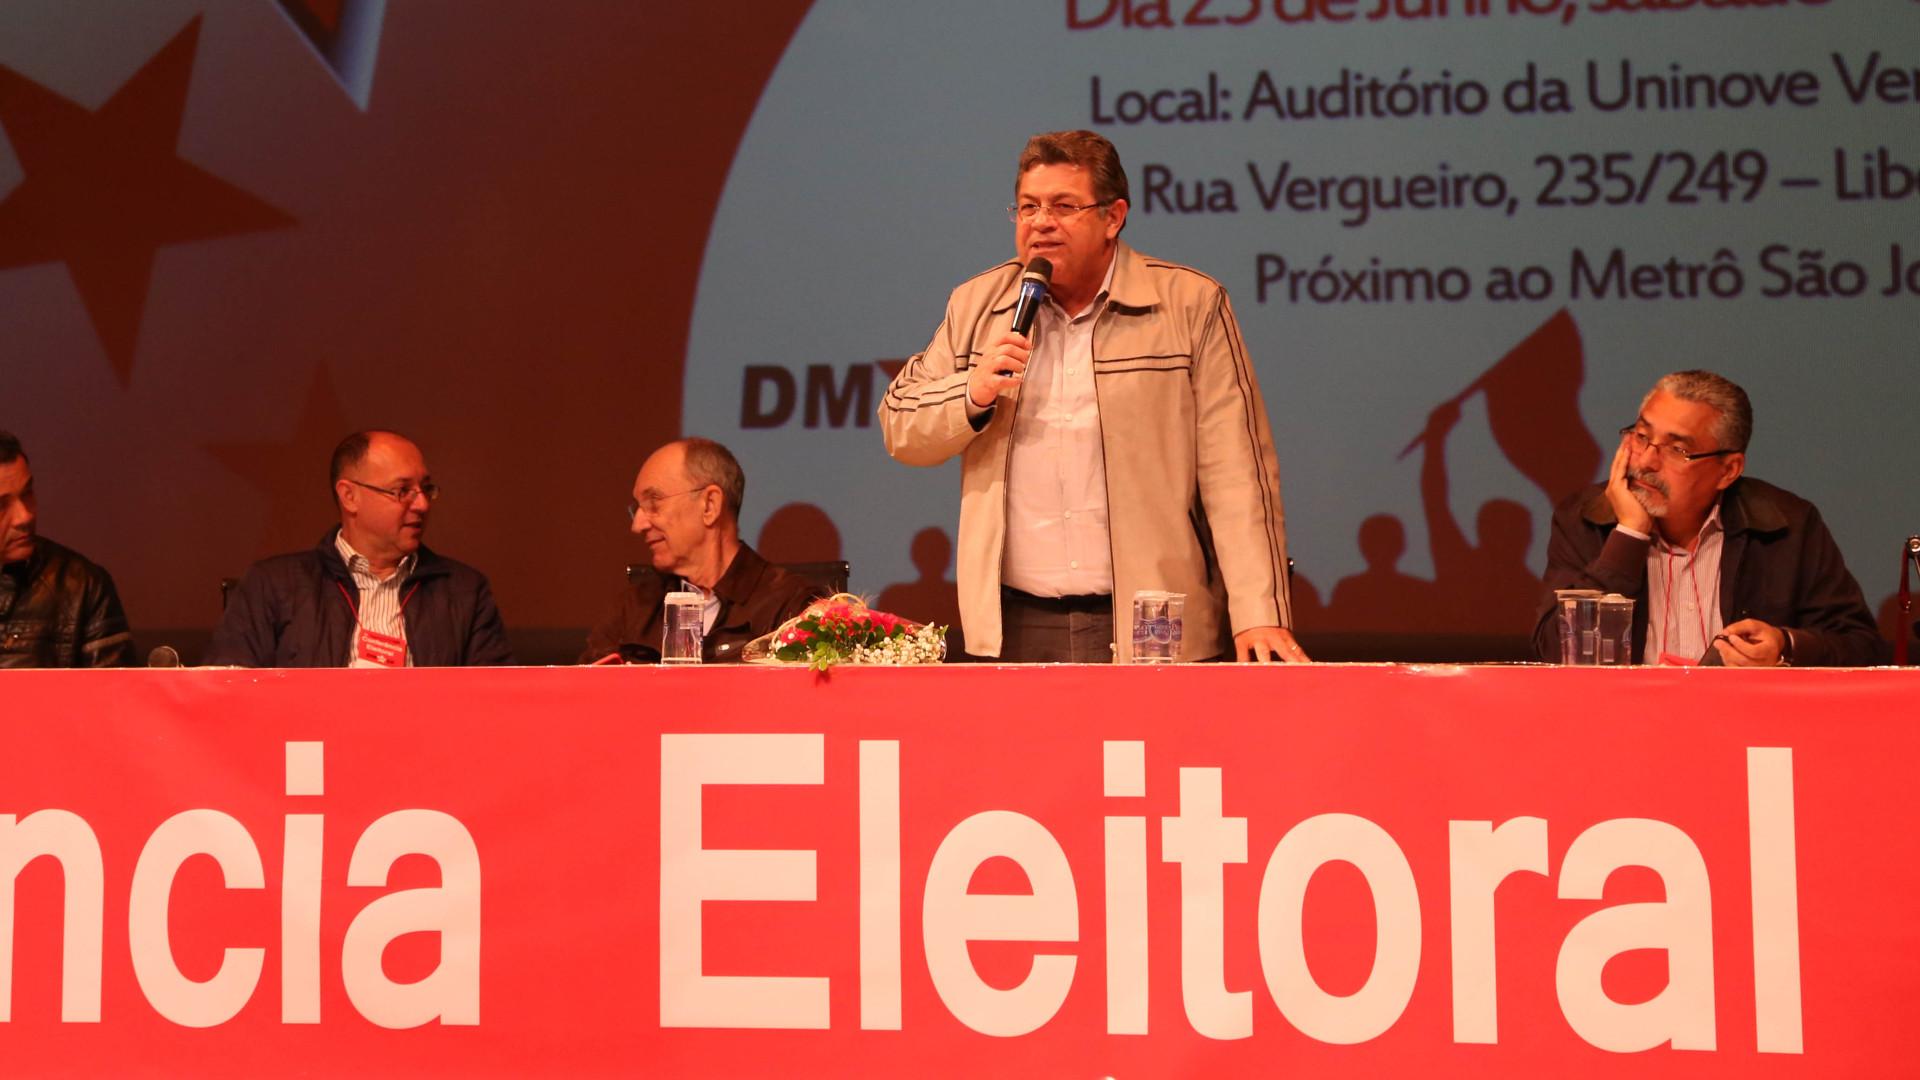 Réu, filho de Lula será assessor de deputado petista na Alesp